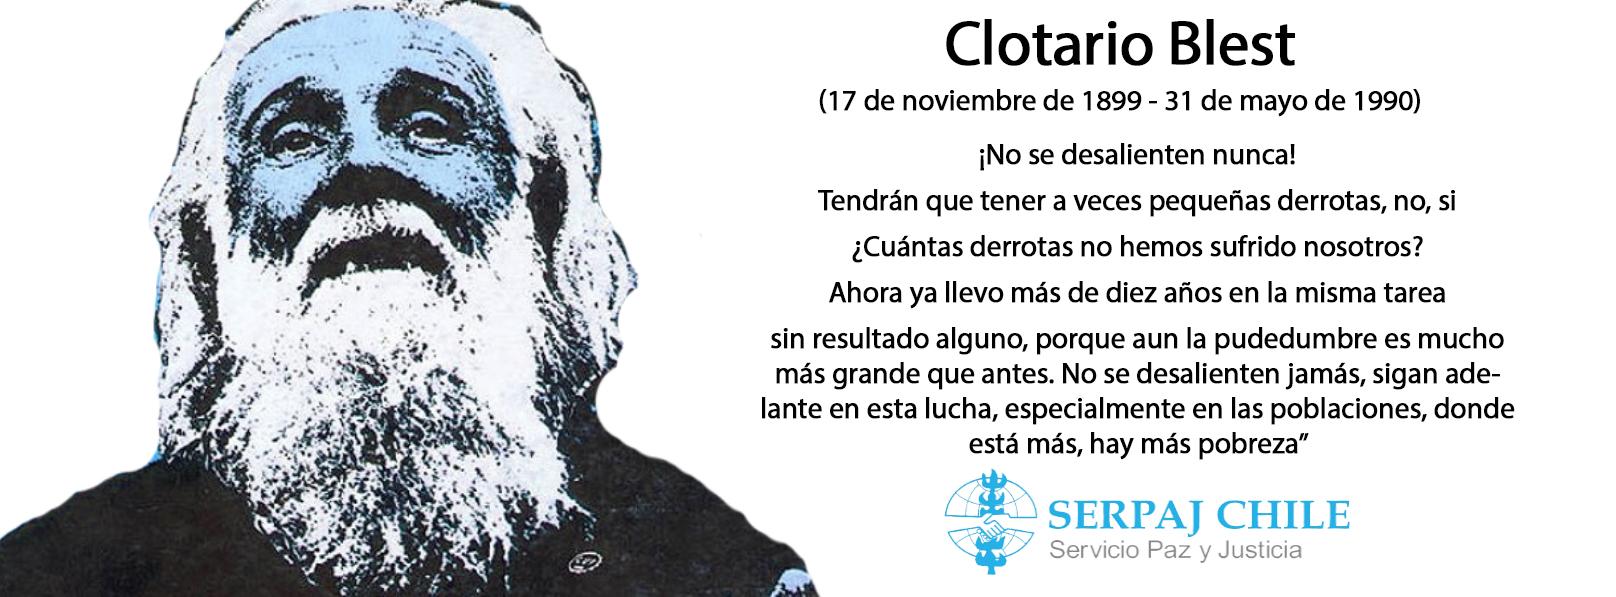 """Aniversario de la partida de Clotario Blest """"La acción y el ejemplo arrastra mucho más que la palabra Libertad"""""""